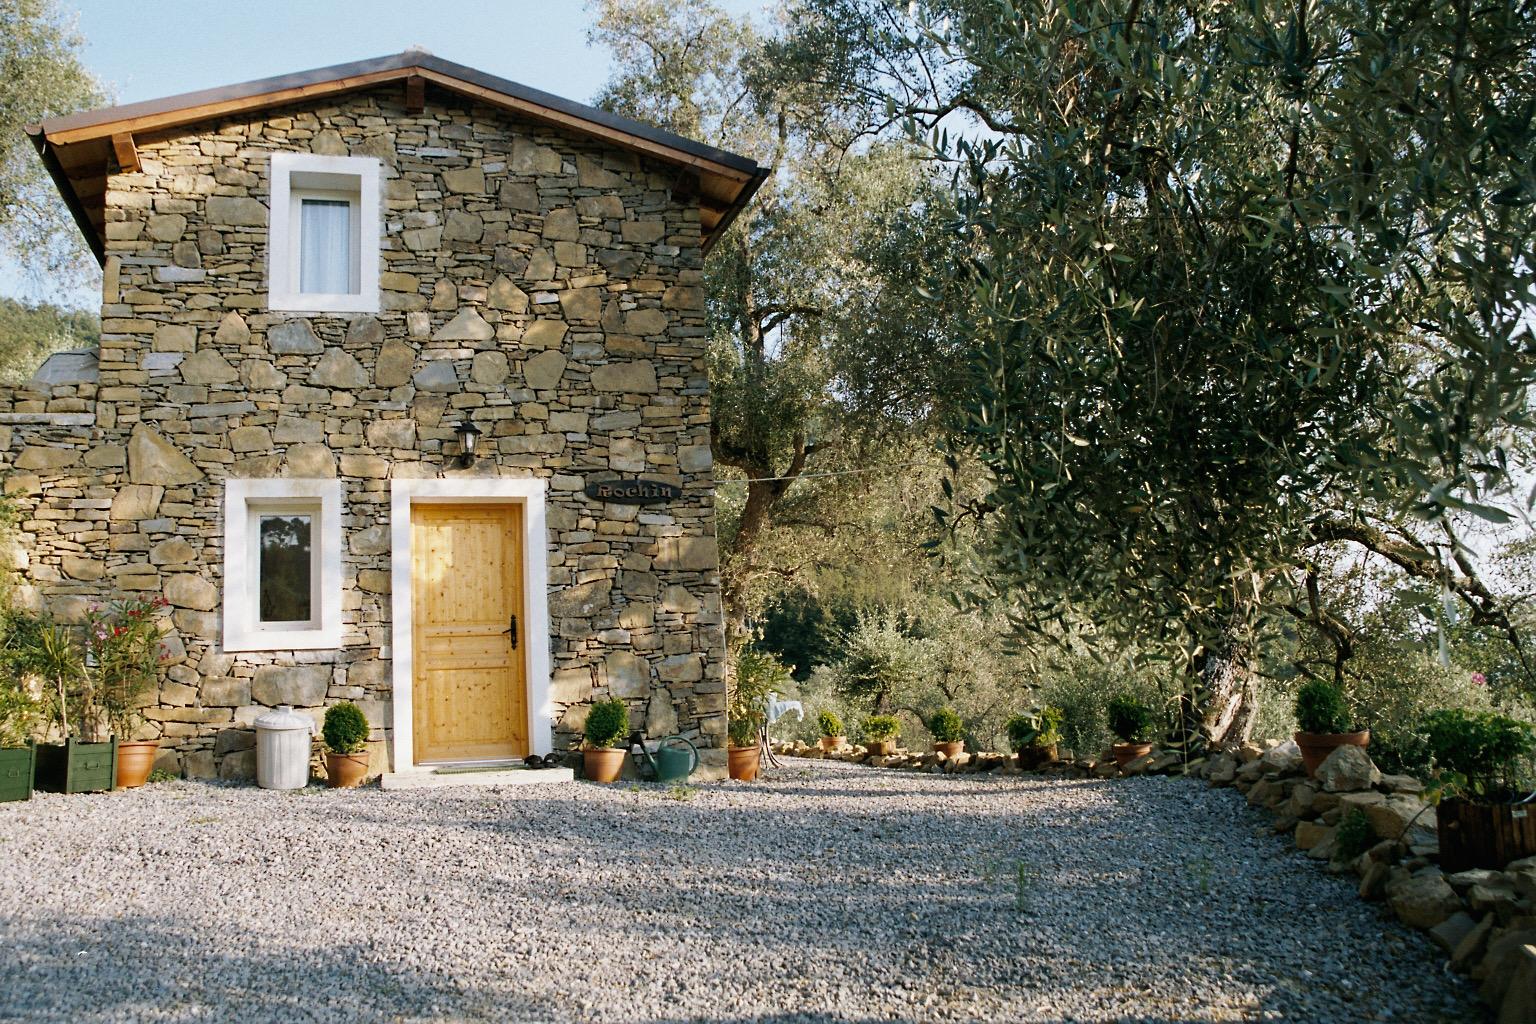 Casa Rochin mit Holzschild